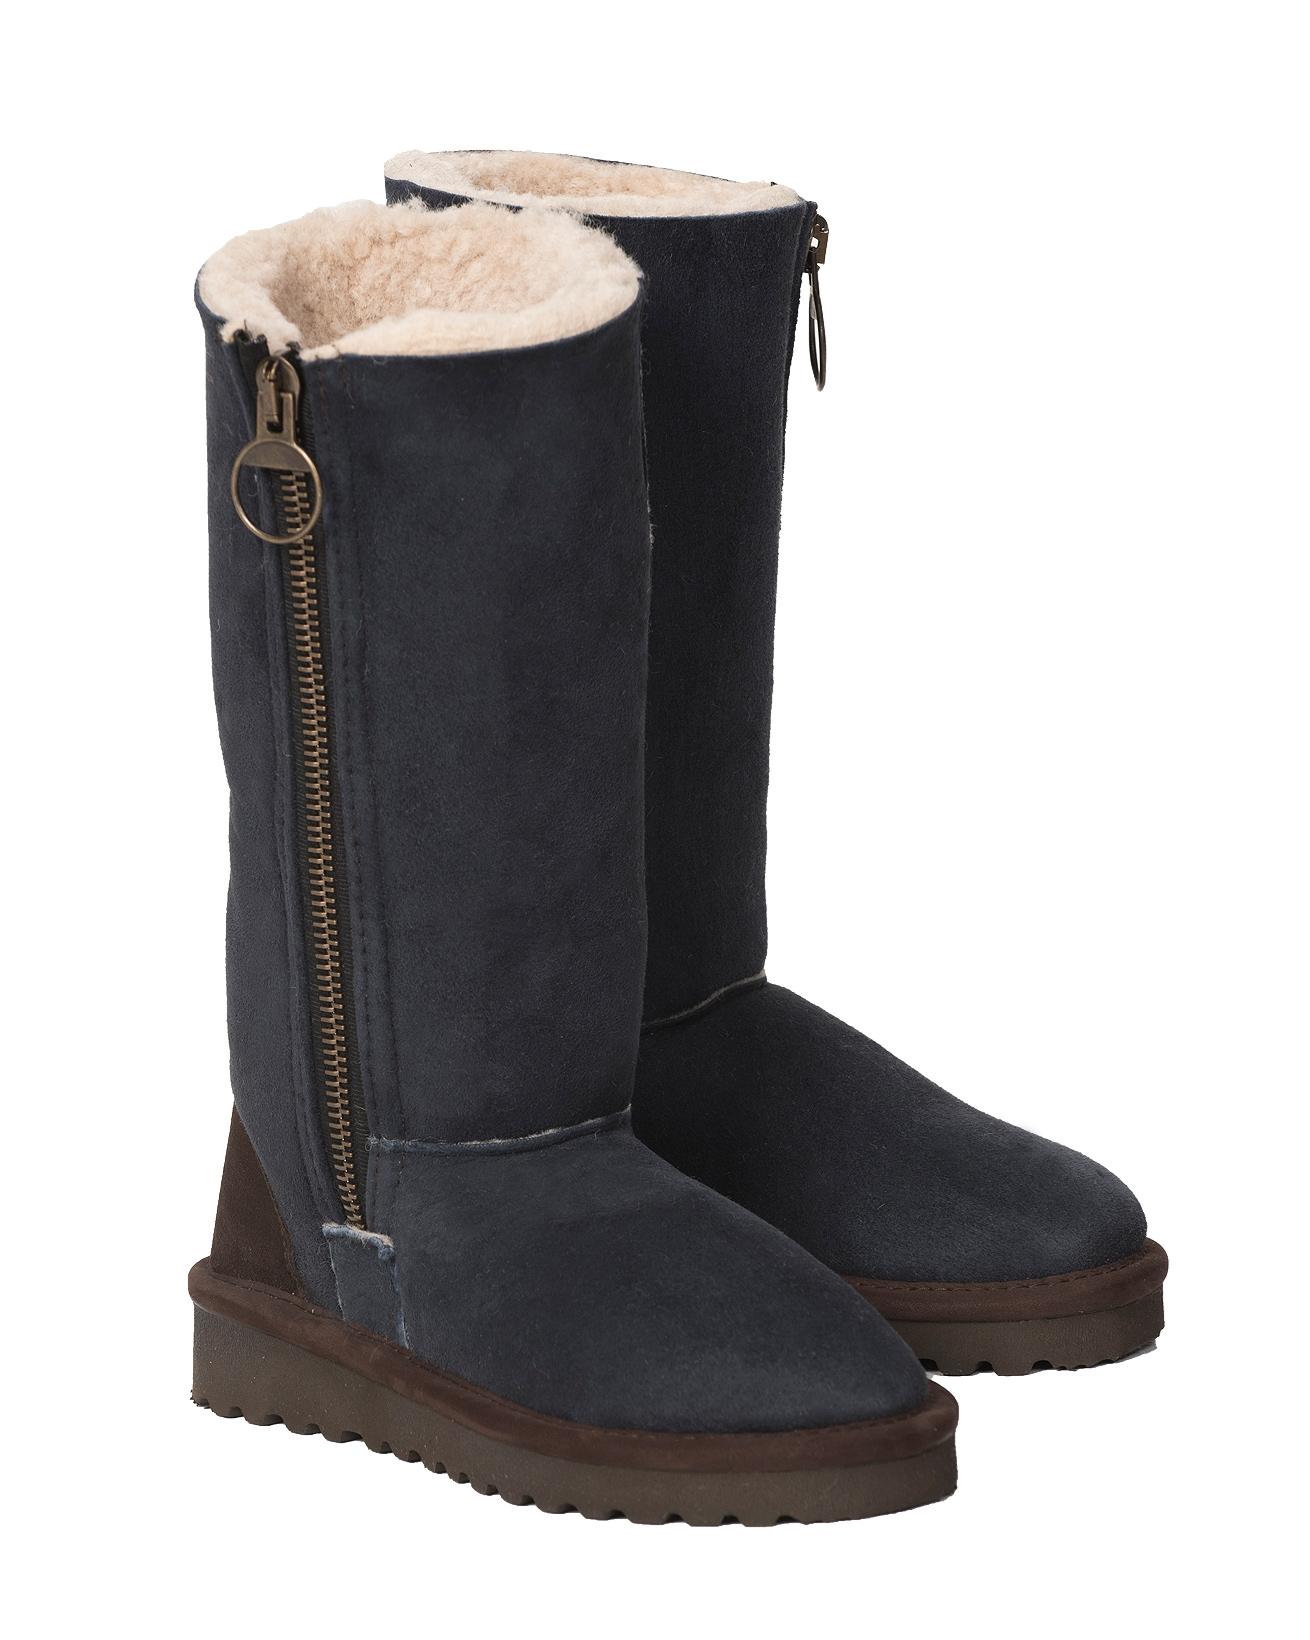 Aviator Calf Boot - Size 9 - Blue Iris - 1530